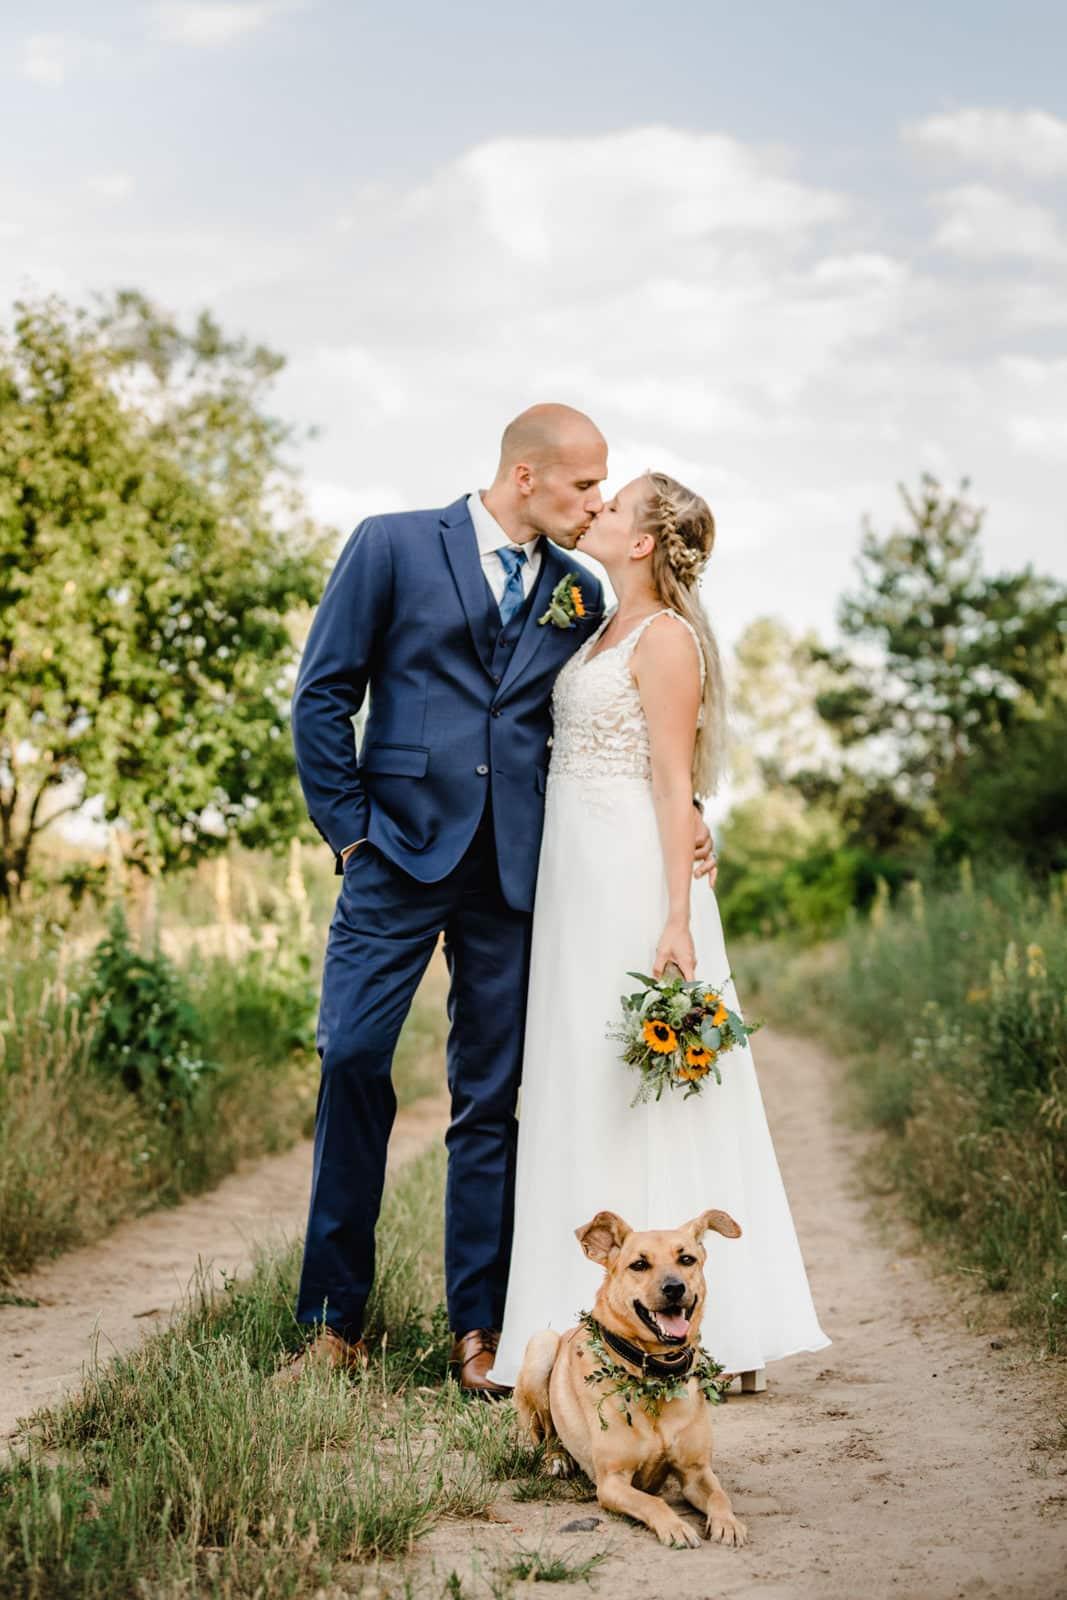 Brautpaar küsst sich in der Natur und ihr Hund liegt vor ihnen im Sand.